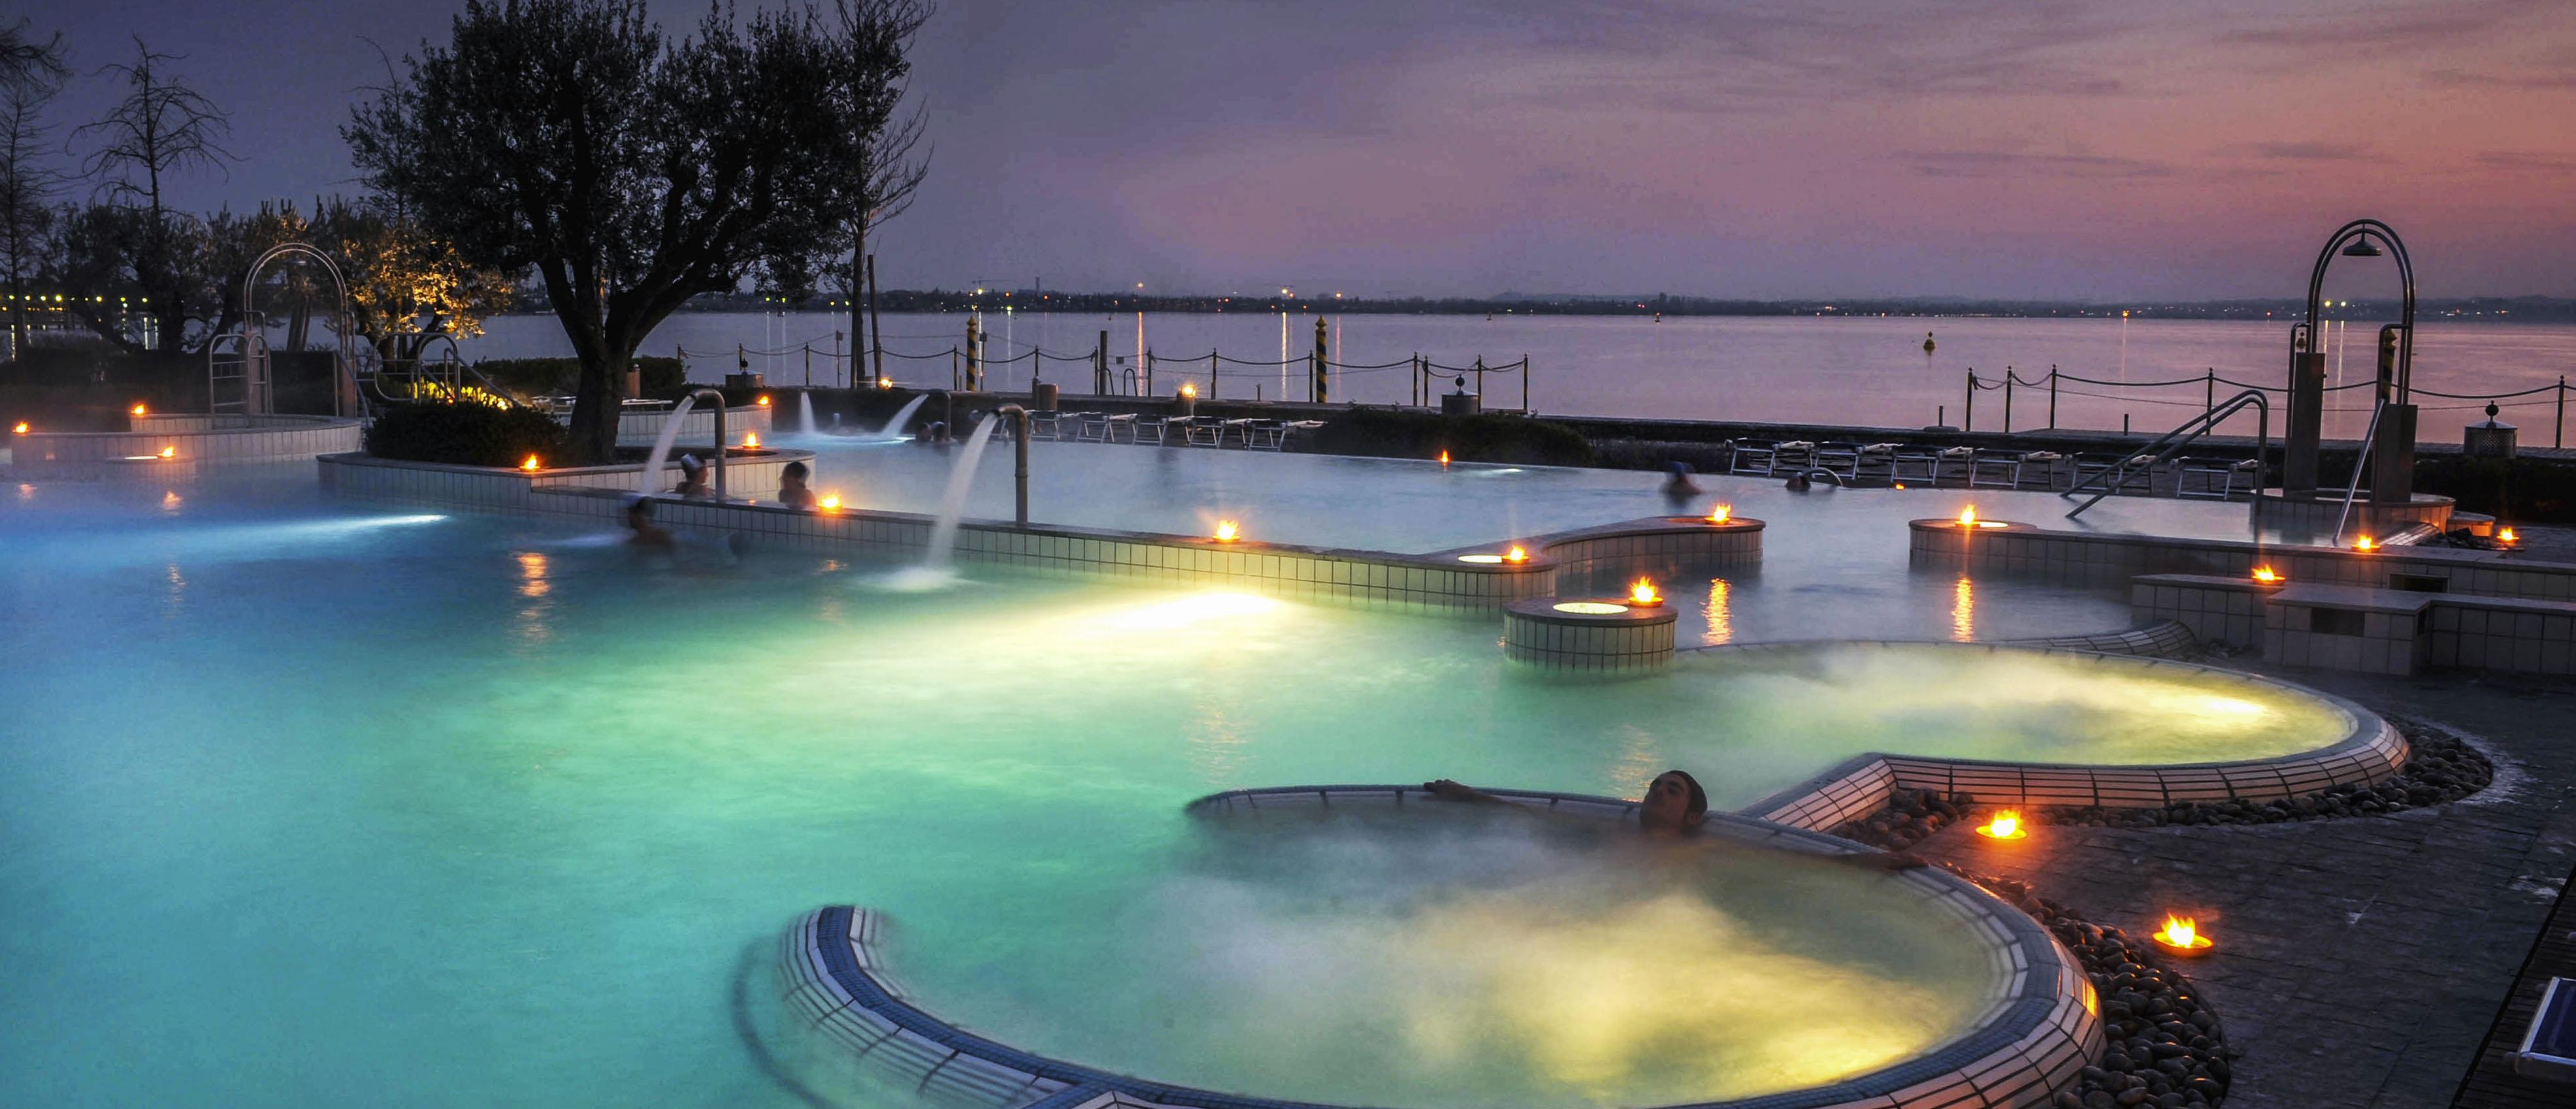 Le Terme Aquaria Spa